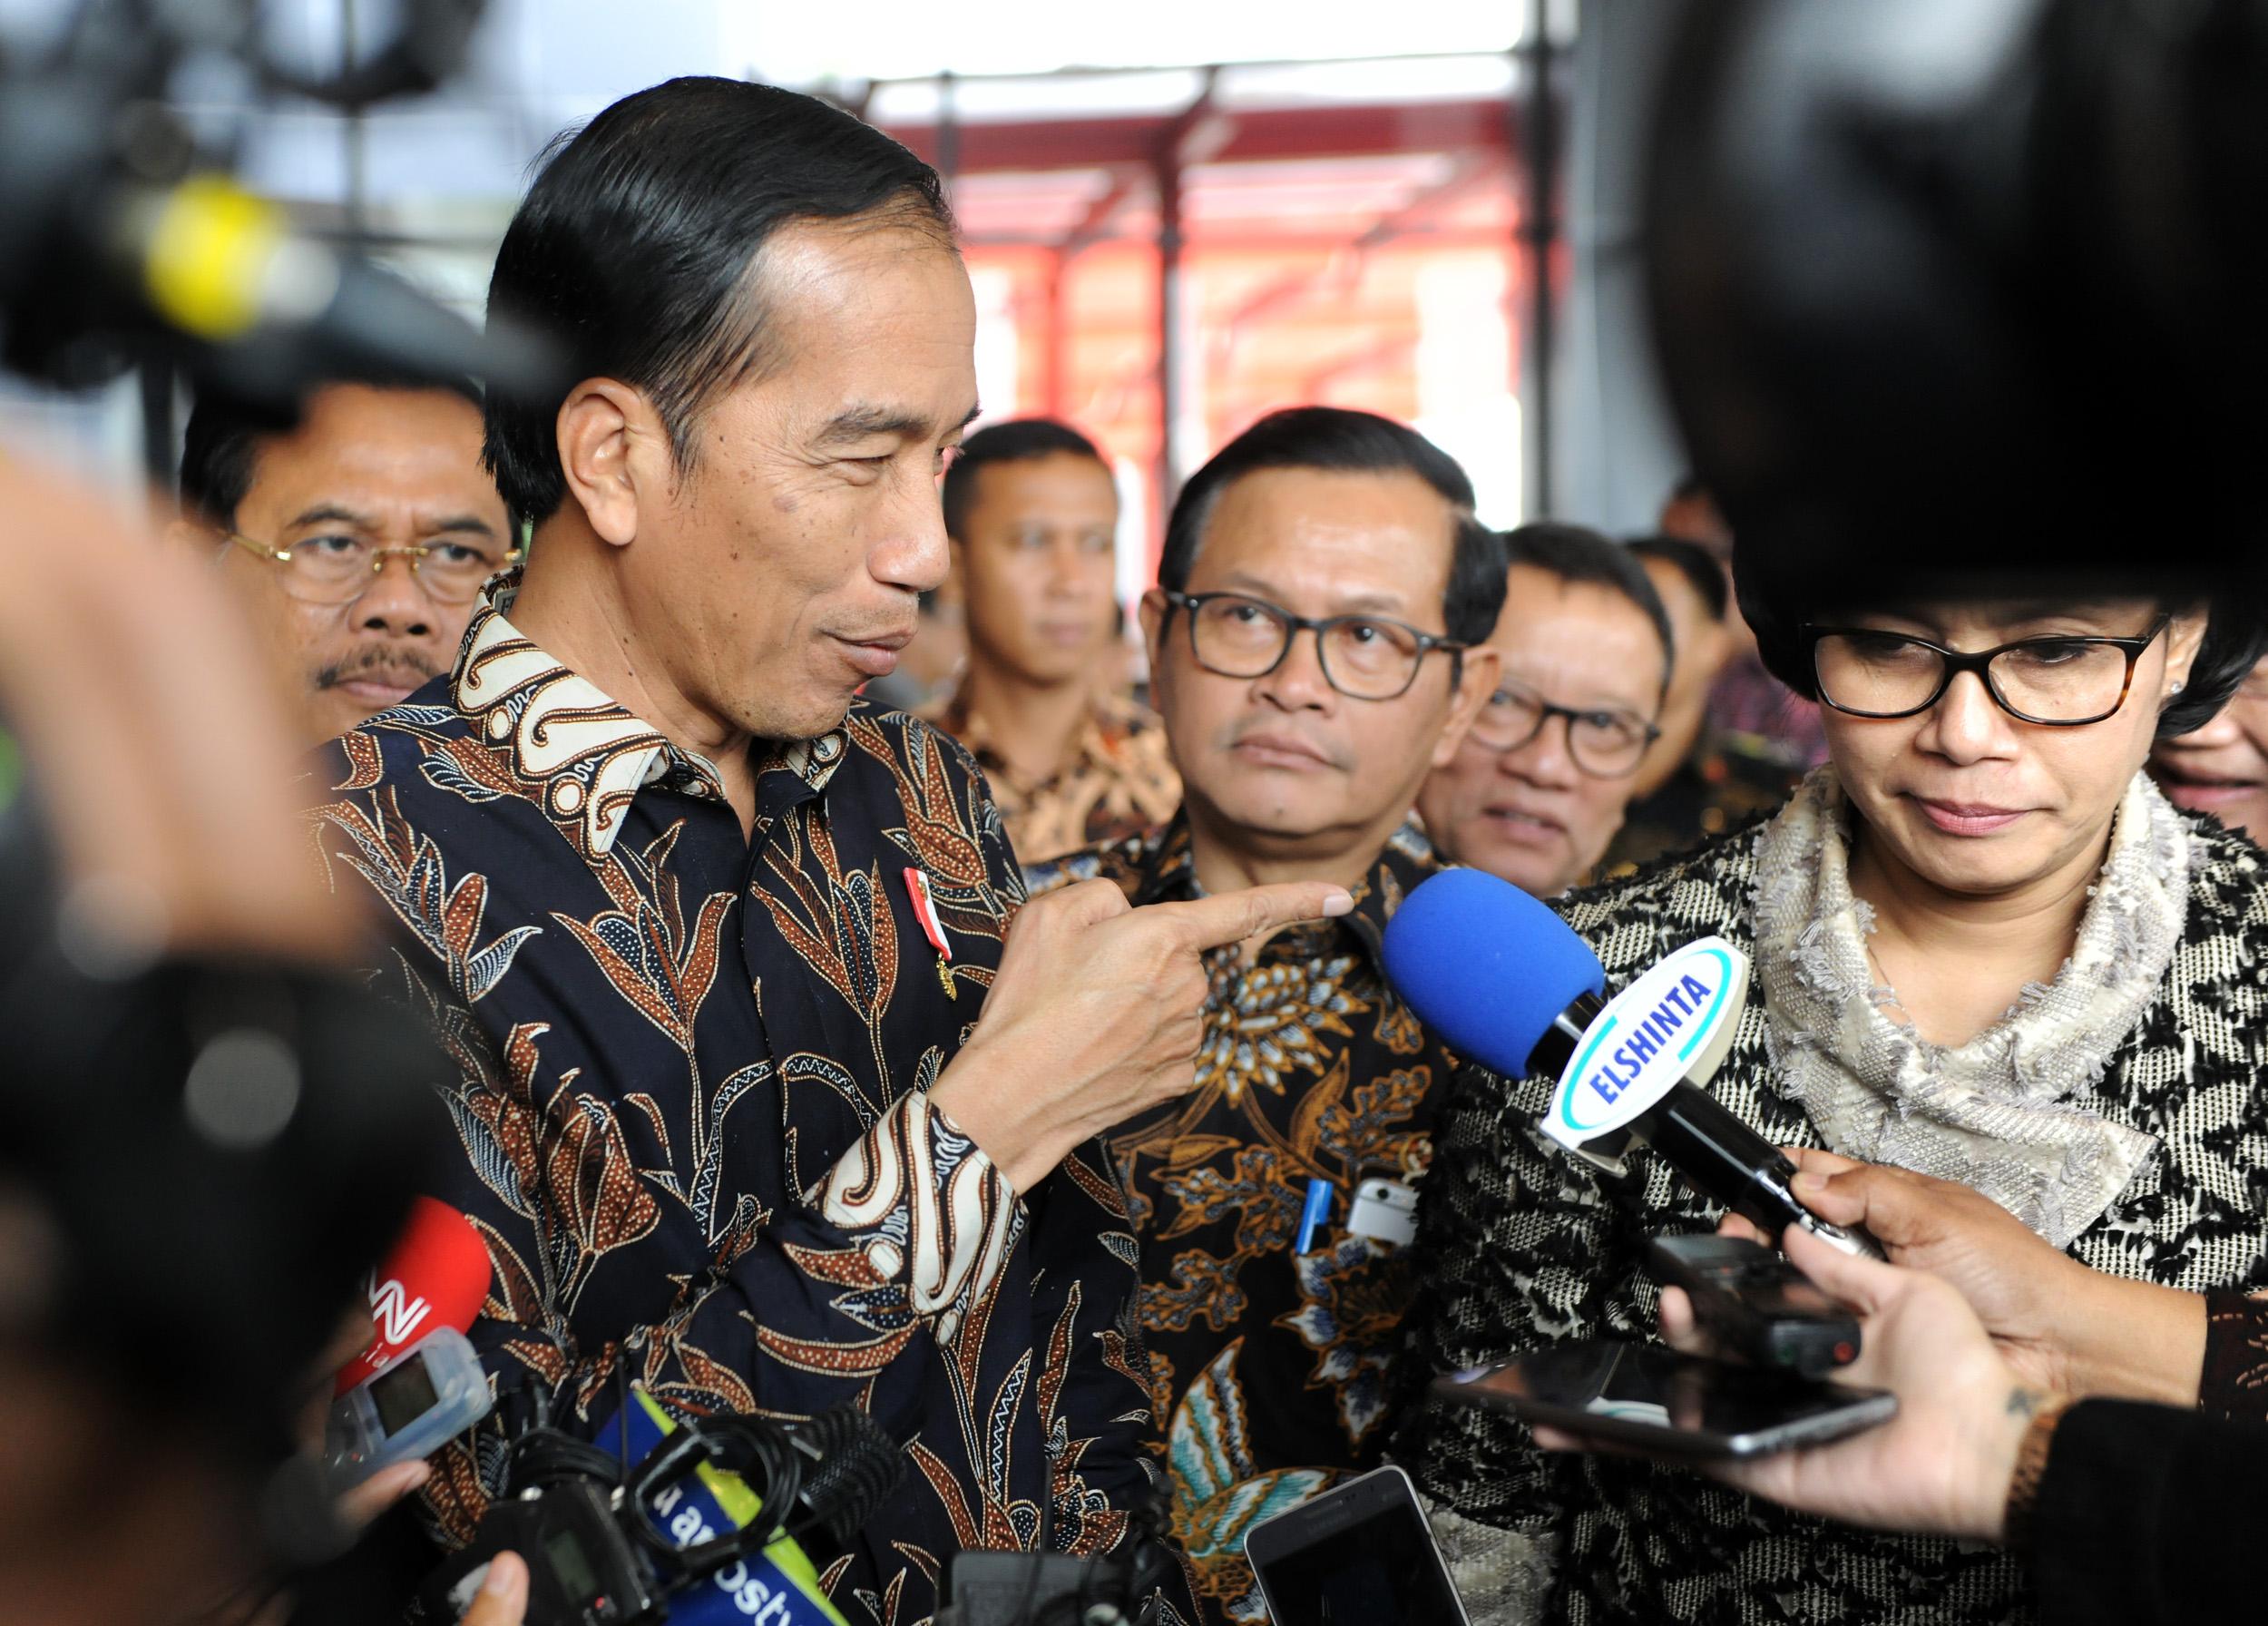 Presiden Jokowi menjawab wartawan usai sosialisasi tahap akhir tax amnesty, di JI Expo, Kemayoran, Jakarta, Selasa (28/2) siang. (Foto: Rahmat/Humas)